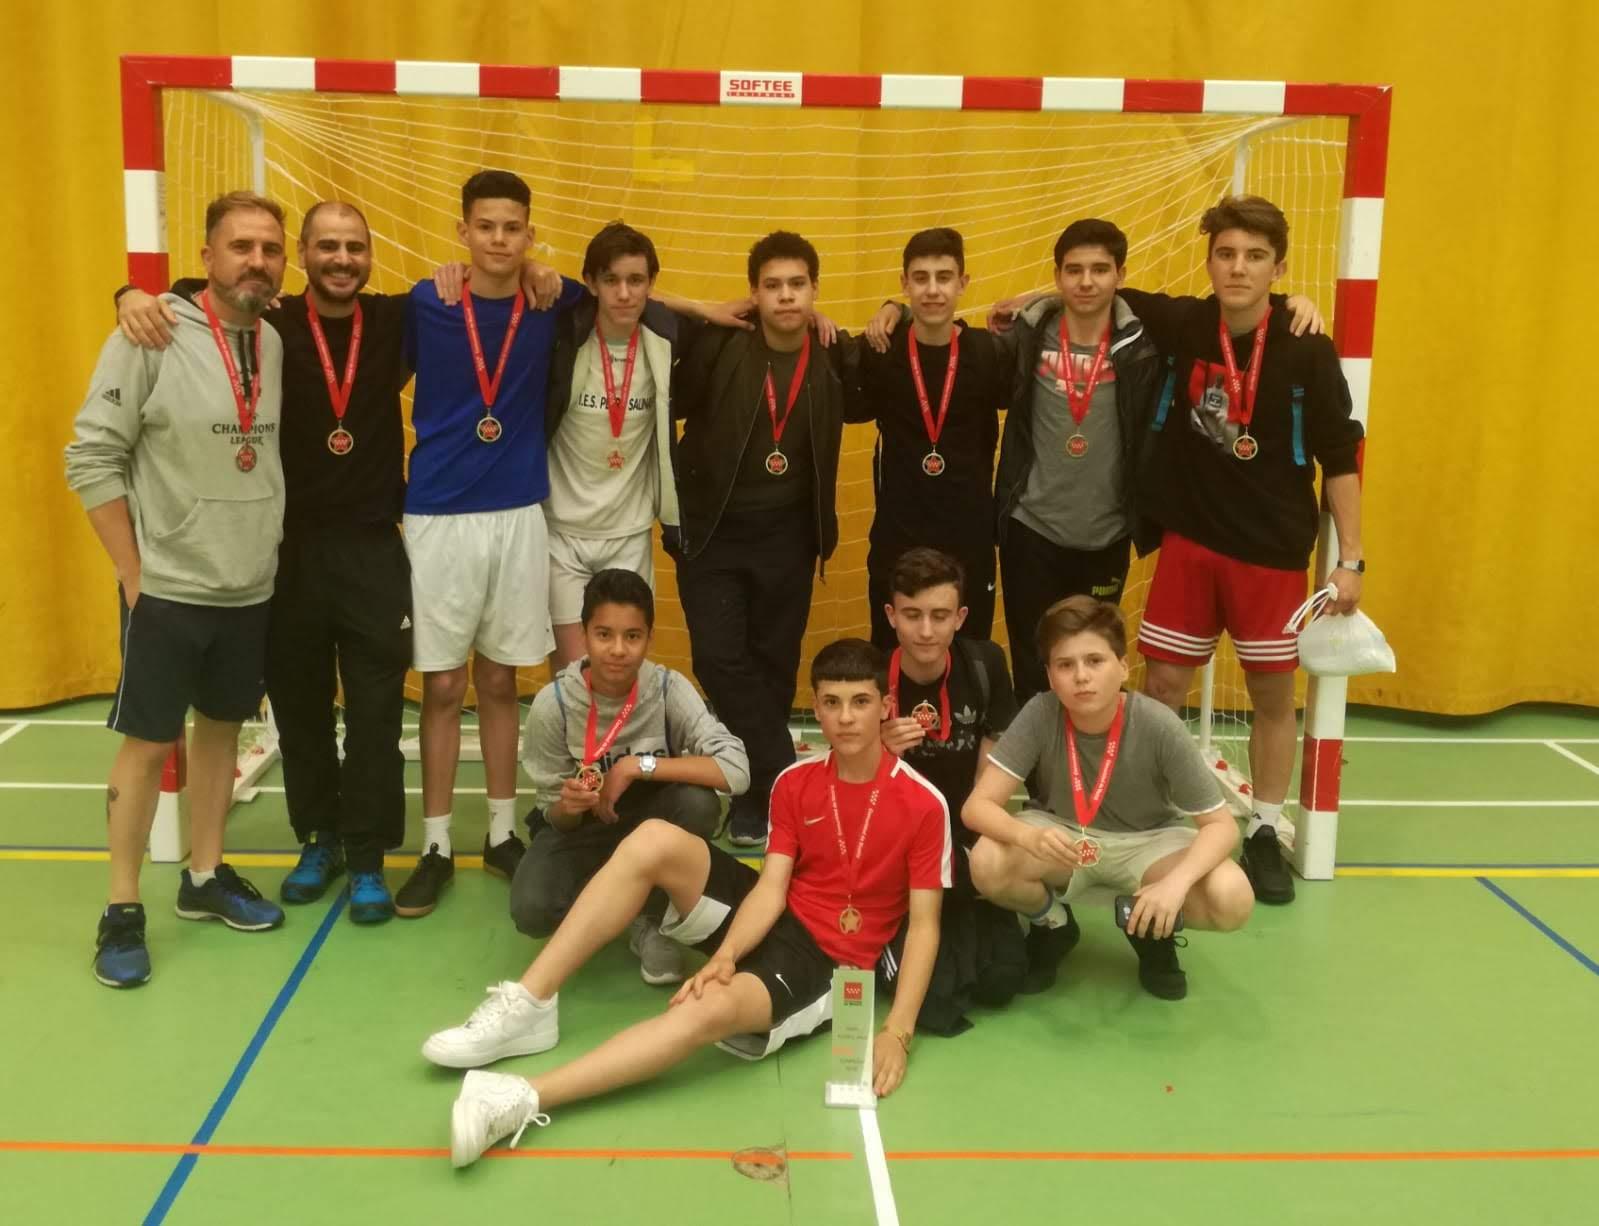 Imágenes del artículo: El Pedro Salinas campeón de Fútbol-Sala en la final de Campeonatos Escolares